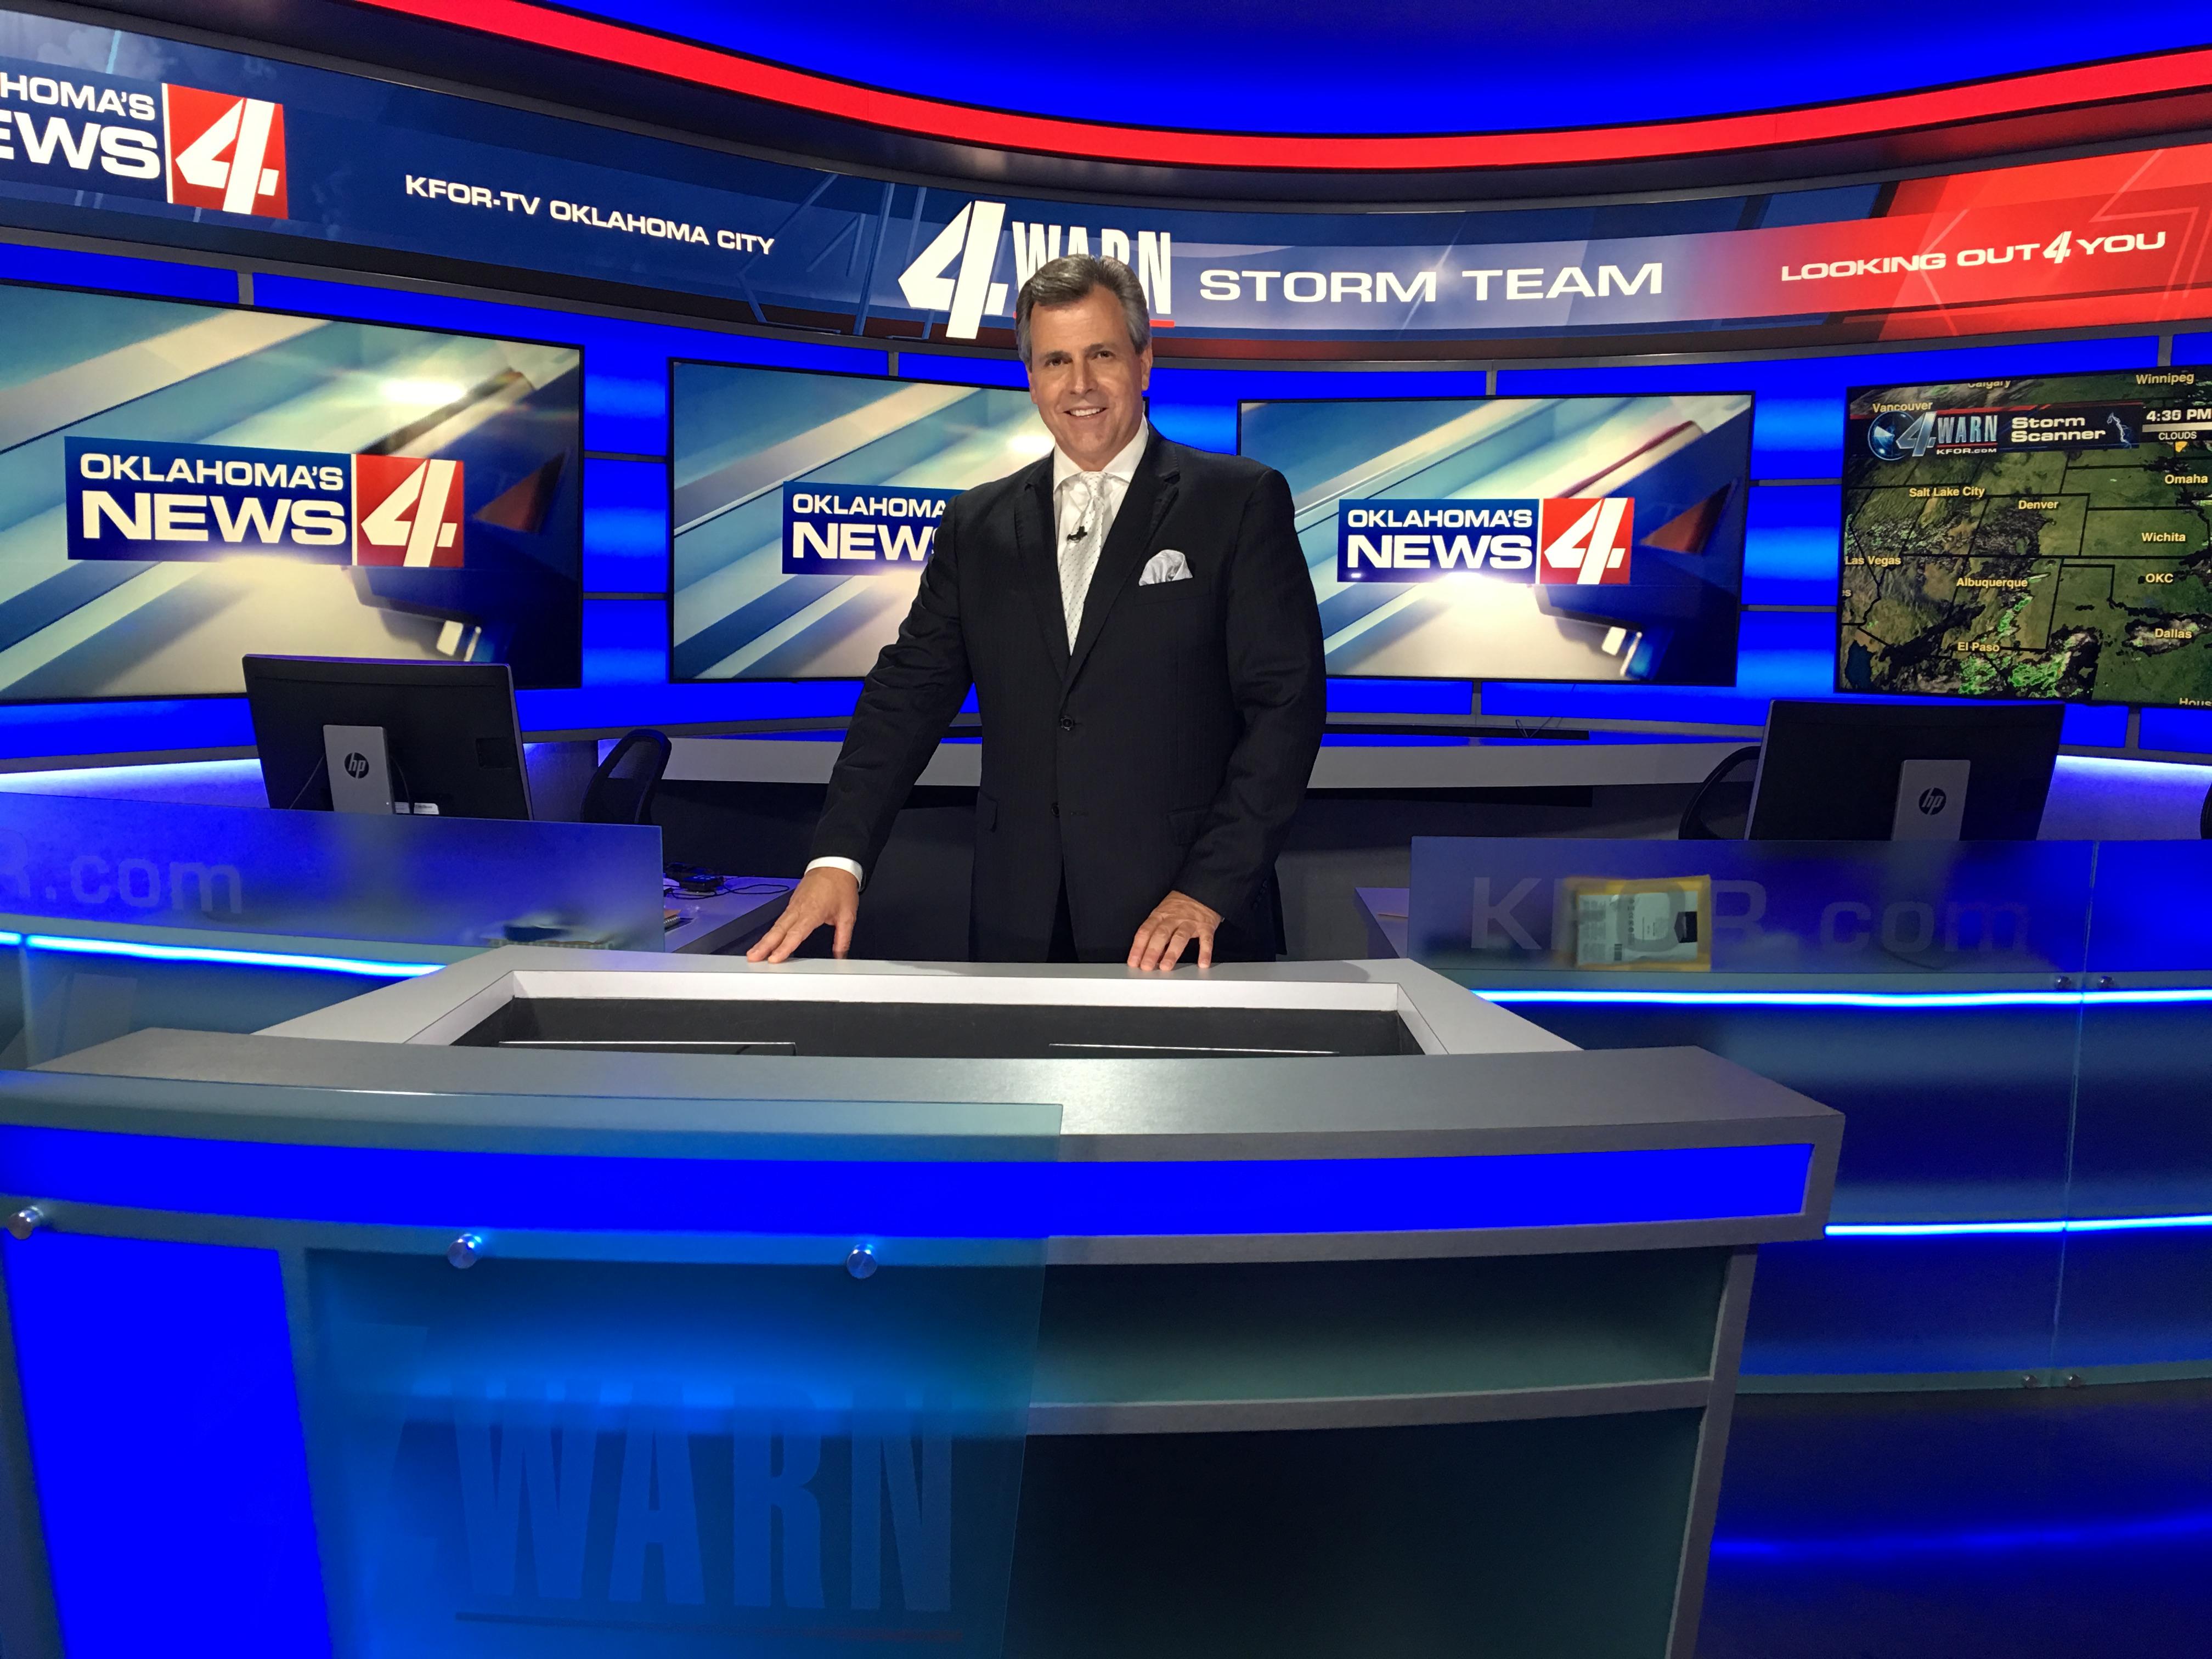 ncs_kfor-oklahoma-news-4-studio_0016